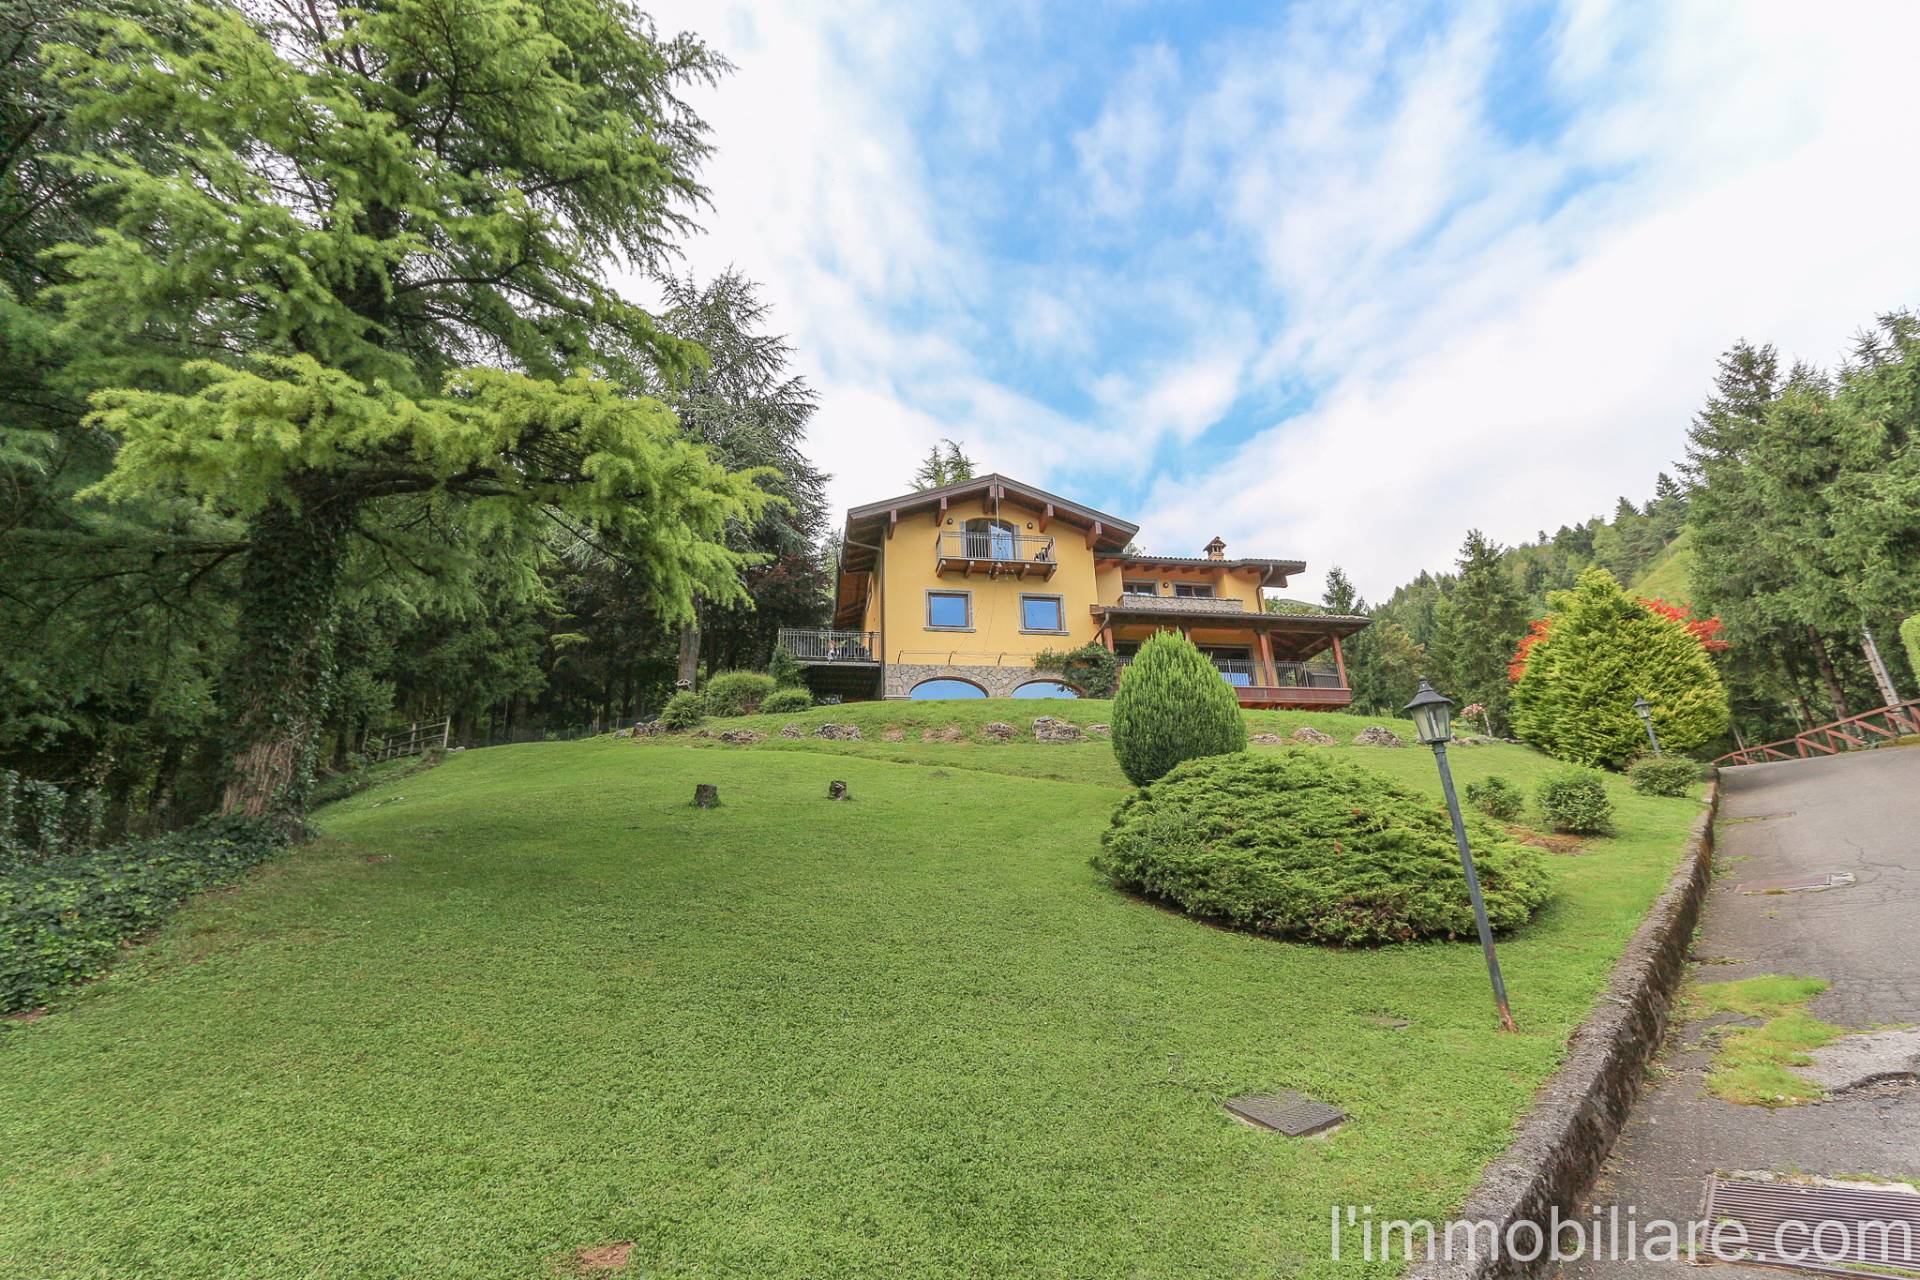 Villa in vendita a Rovetta, 10 locali, prezzo € 2.500.000 | Cambio Casa.it